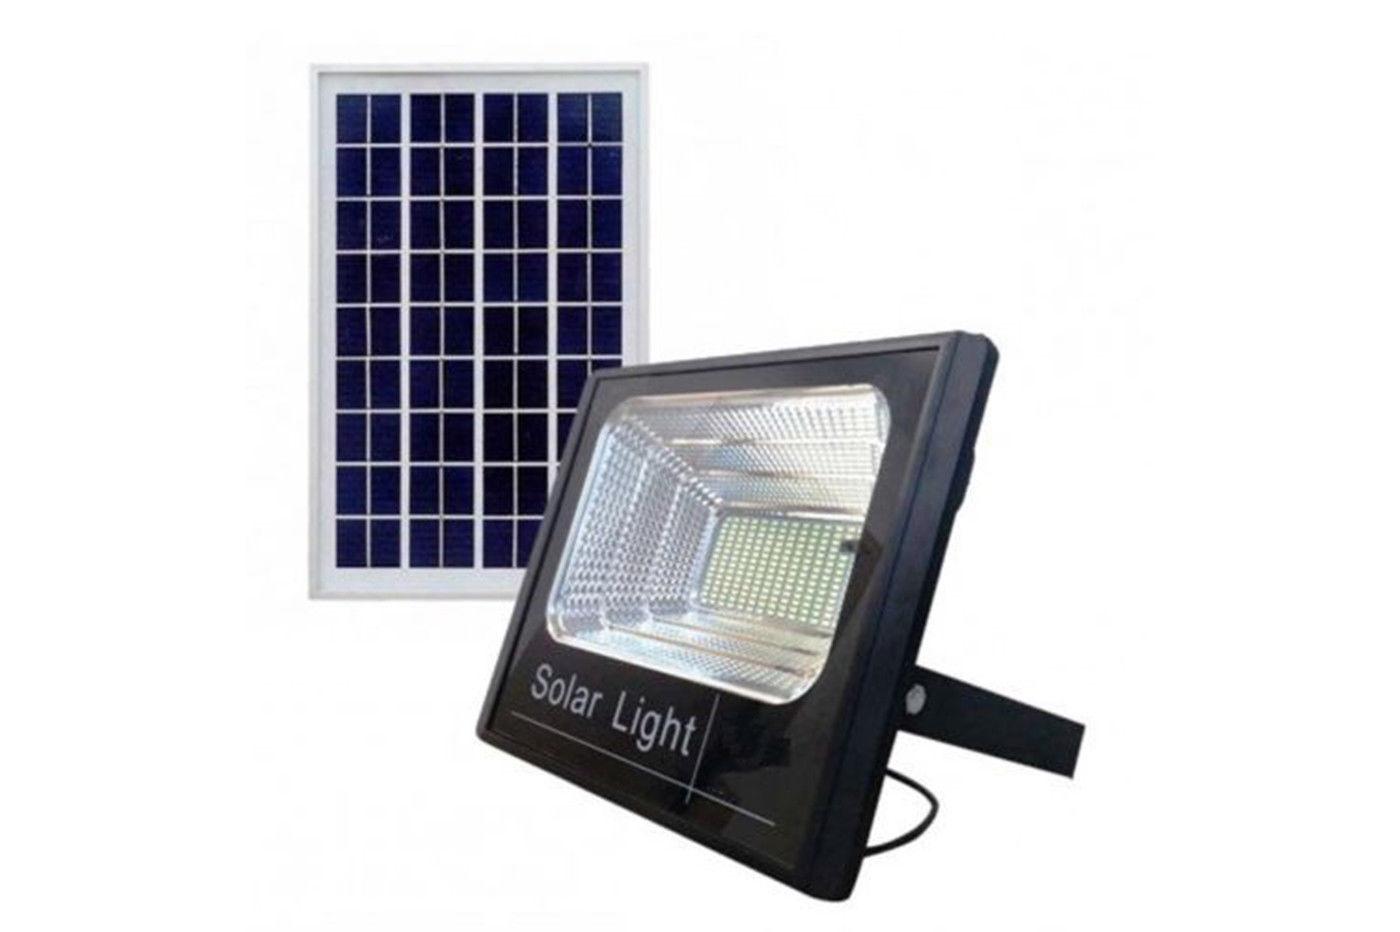 Plafoniere Per Esterno Con Crepuscolare : Bes 25343 illuminazione ad energia solare beselettronica faro